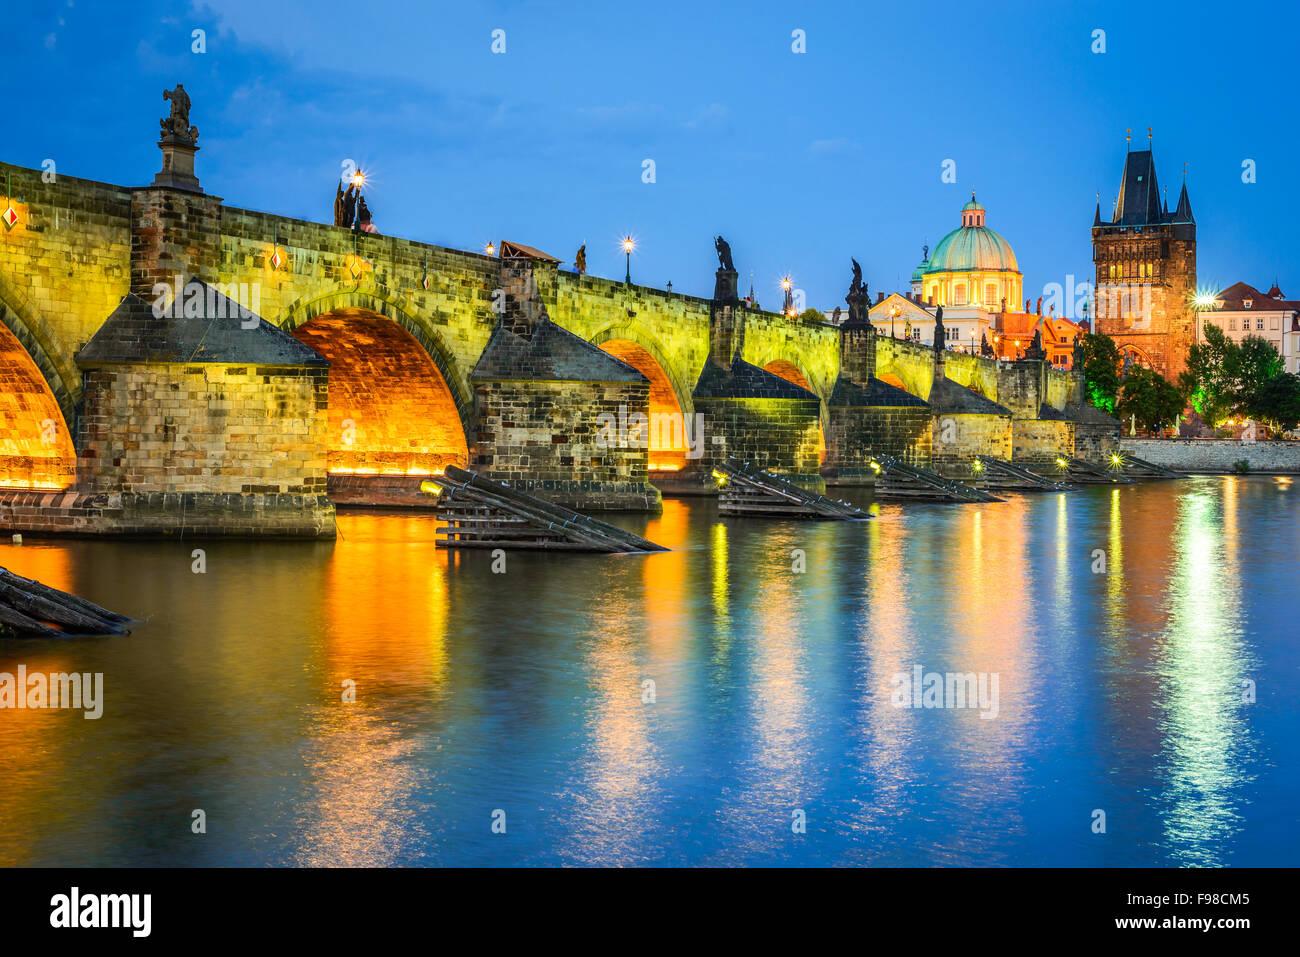 Praga, Repubblica Ceca. Il Ponte Carlo e il quartiere di Mala Strana torri, con il Castello di Praga (hrad) in sfondo Immagini Stock